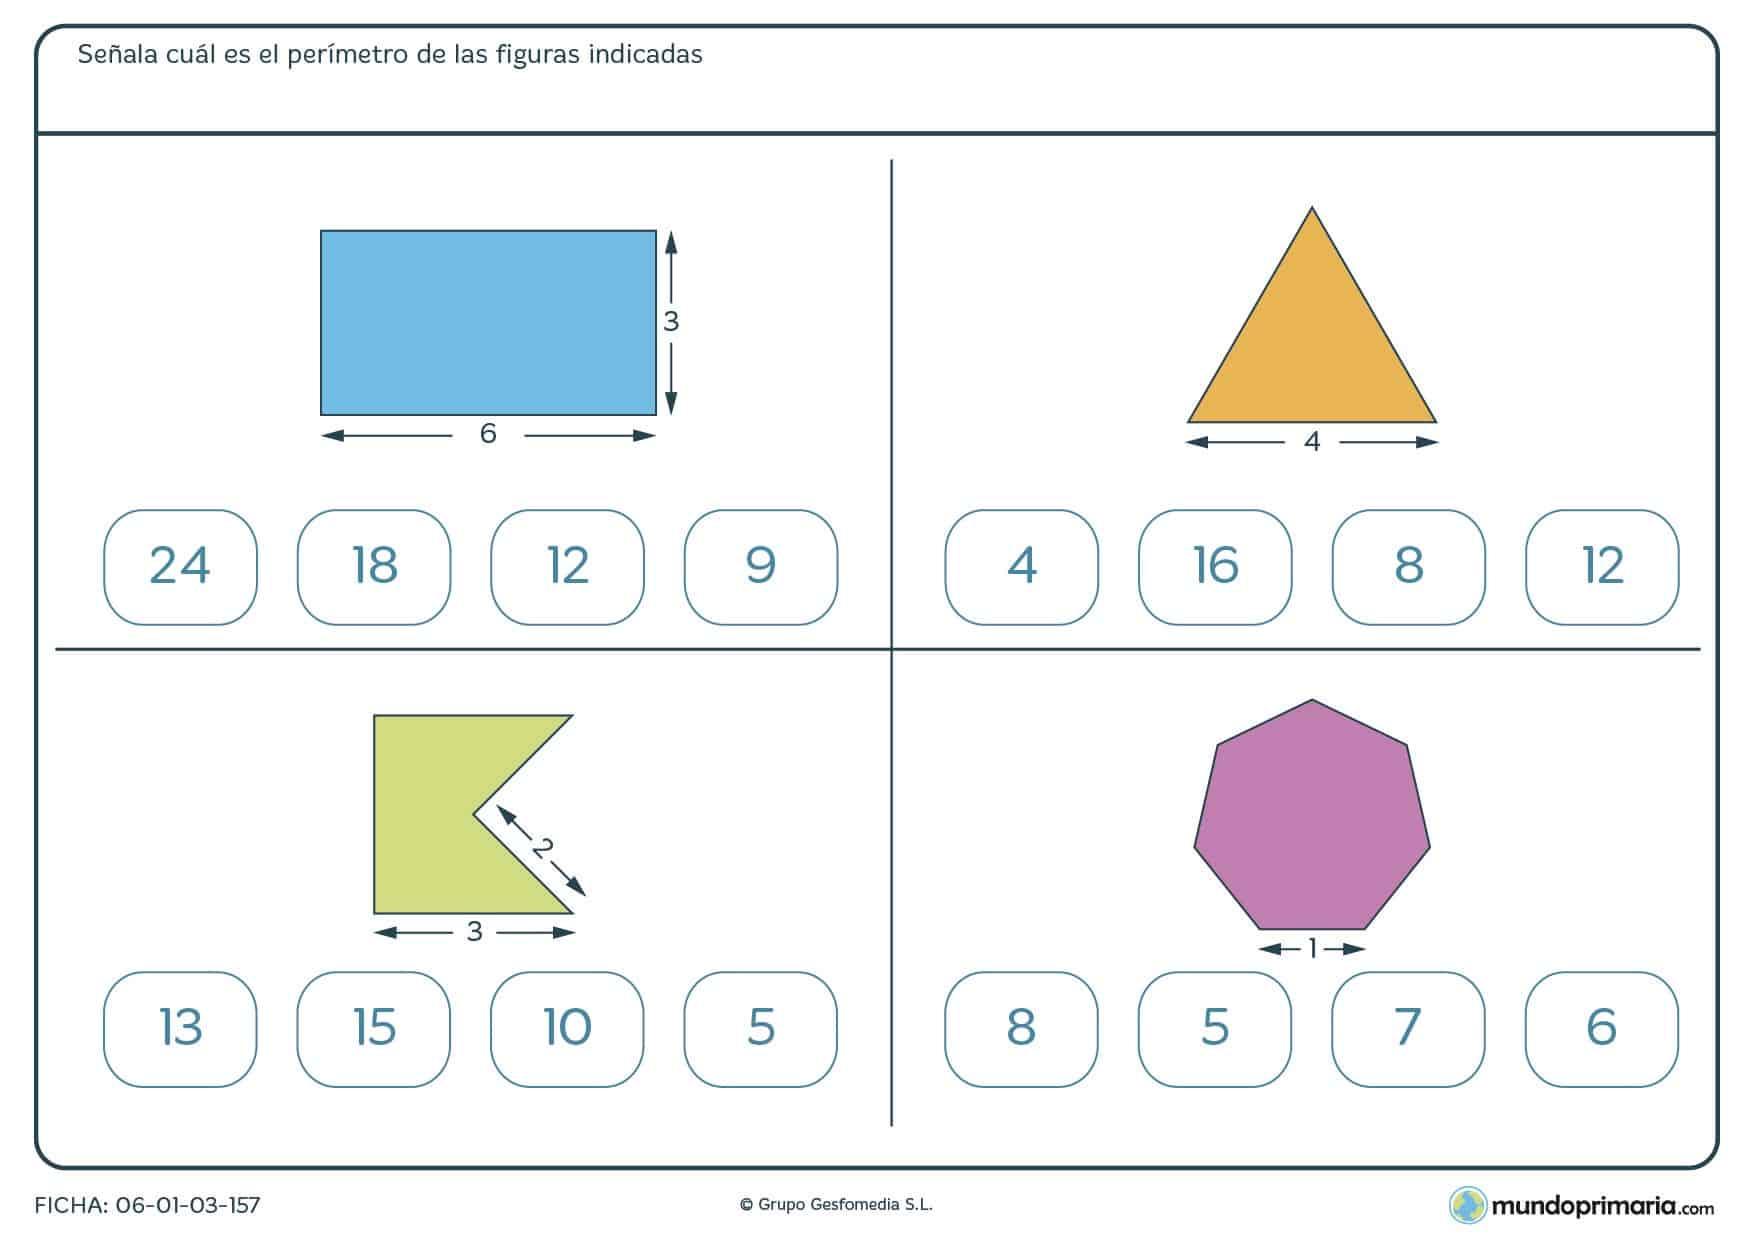 Ficha de perímetros en la que te damos 4 figuras y tienes que calcular el perímetro de cada una.